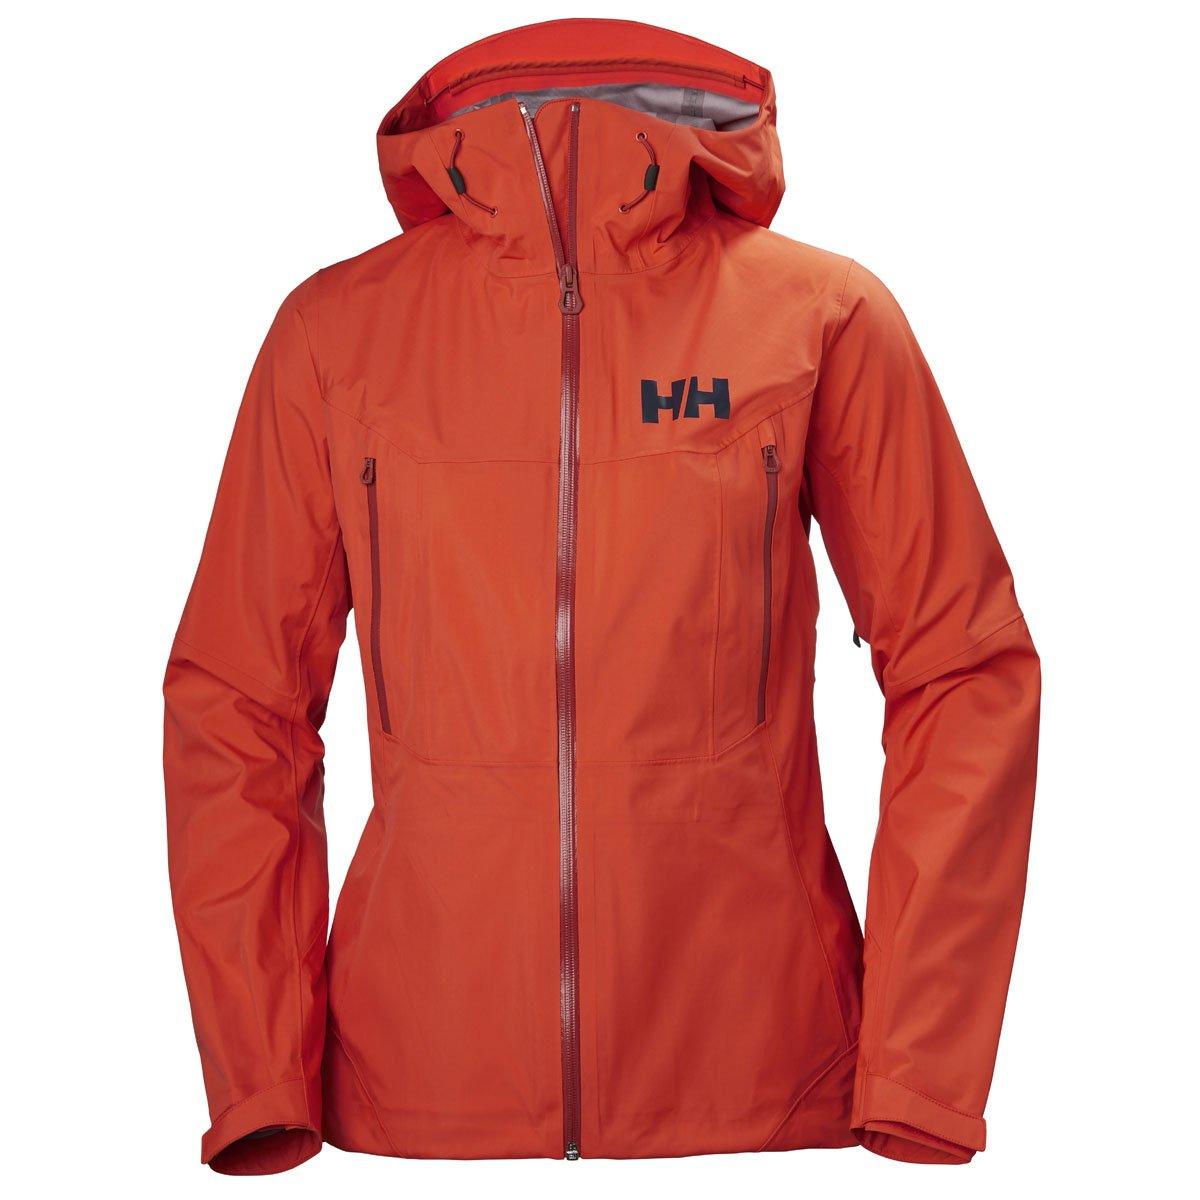 Helly Hansen 2018レディースVerglas 3lシェルジャケット – 62835 B079W5SCLW Large|ざくろ色 ざくろ色 Large